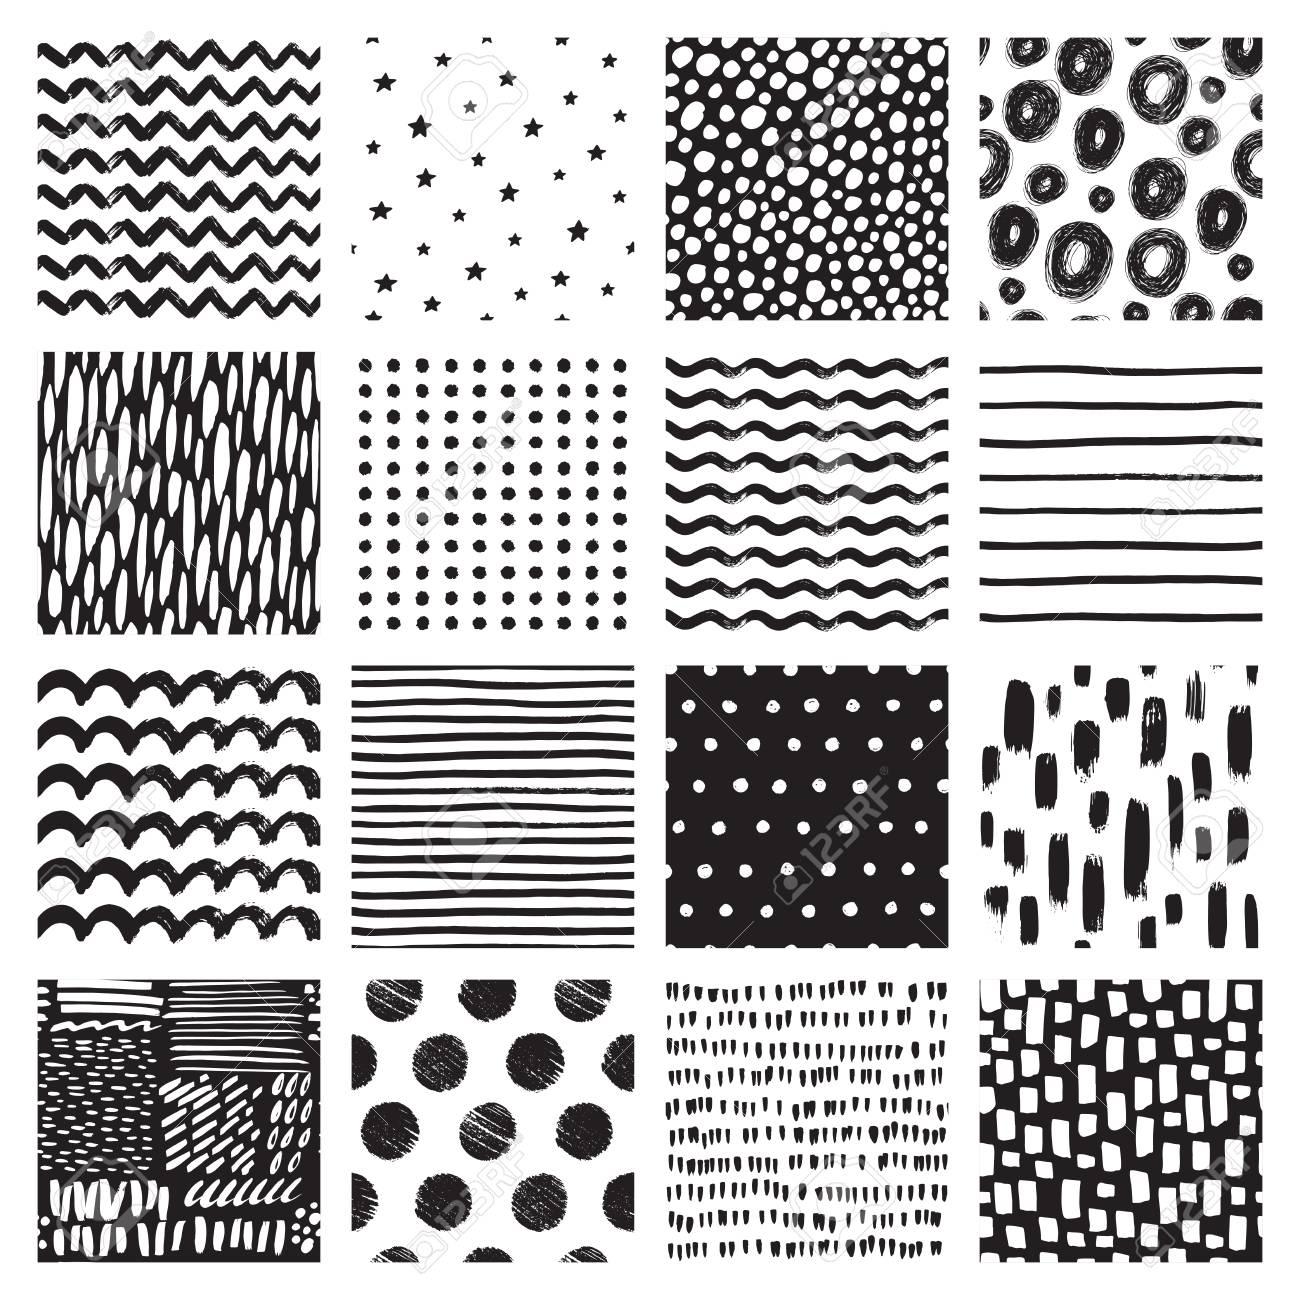 Modèles Sans Couture Avec Dessin à Main Levée Et Tache Abstrait Noir Et Blanc Texture De Vecteur